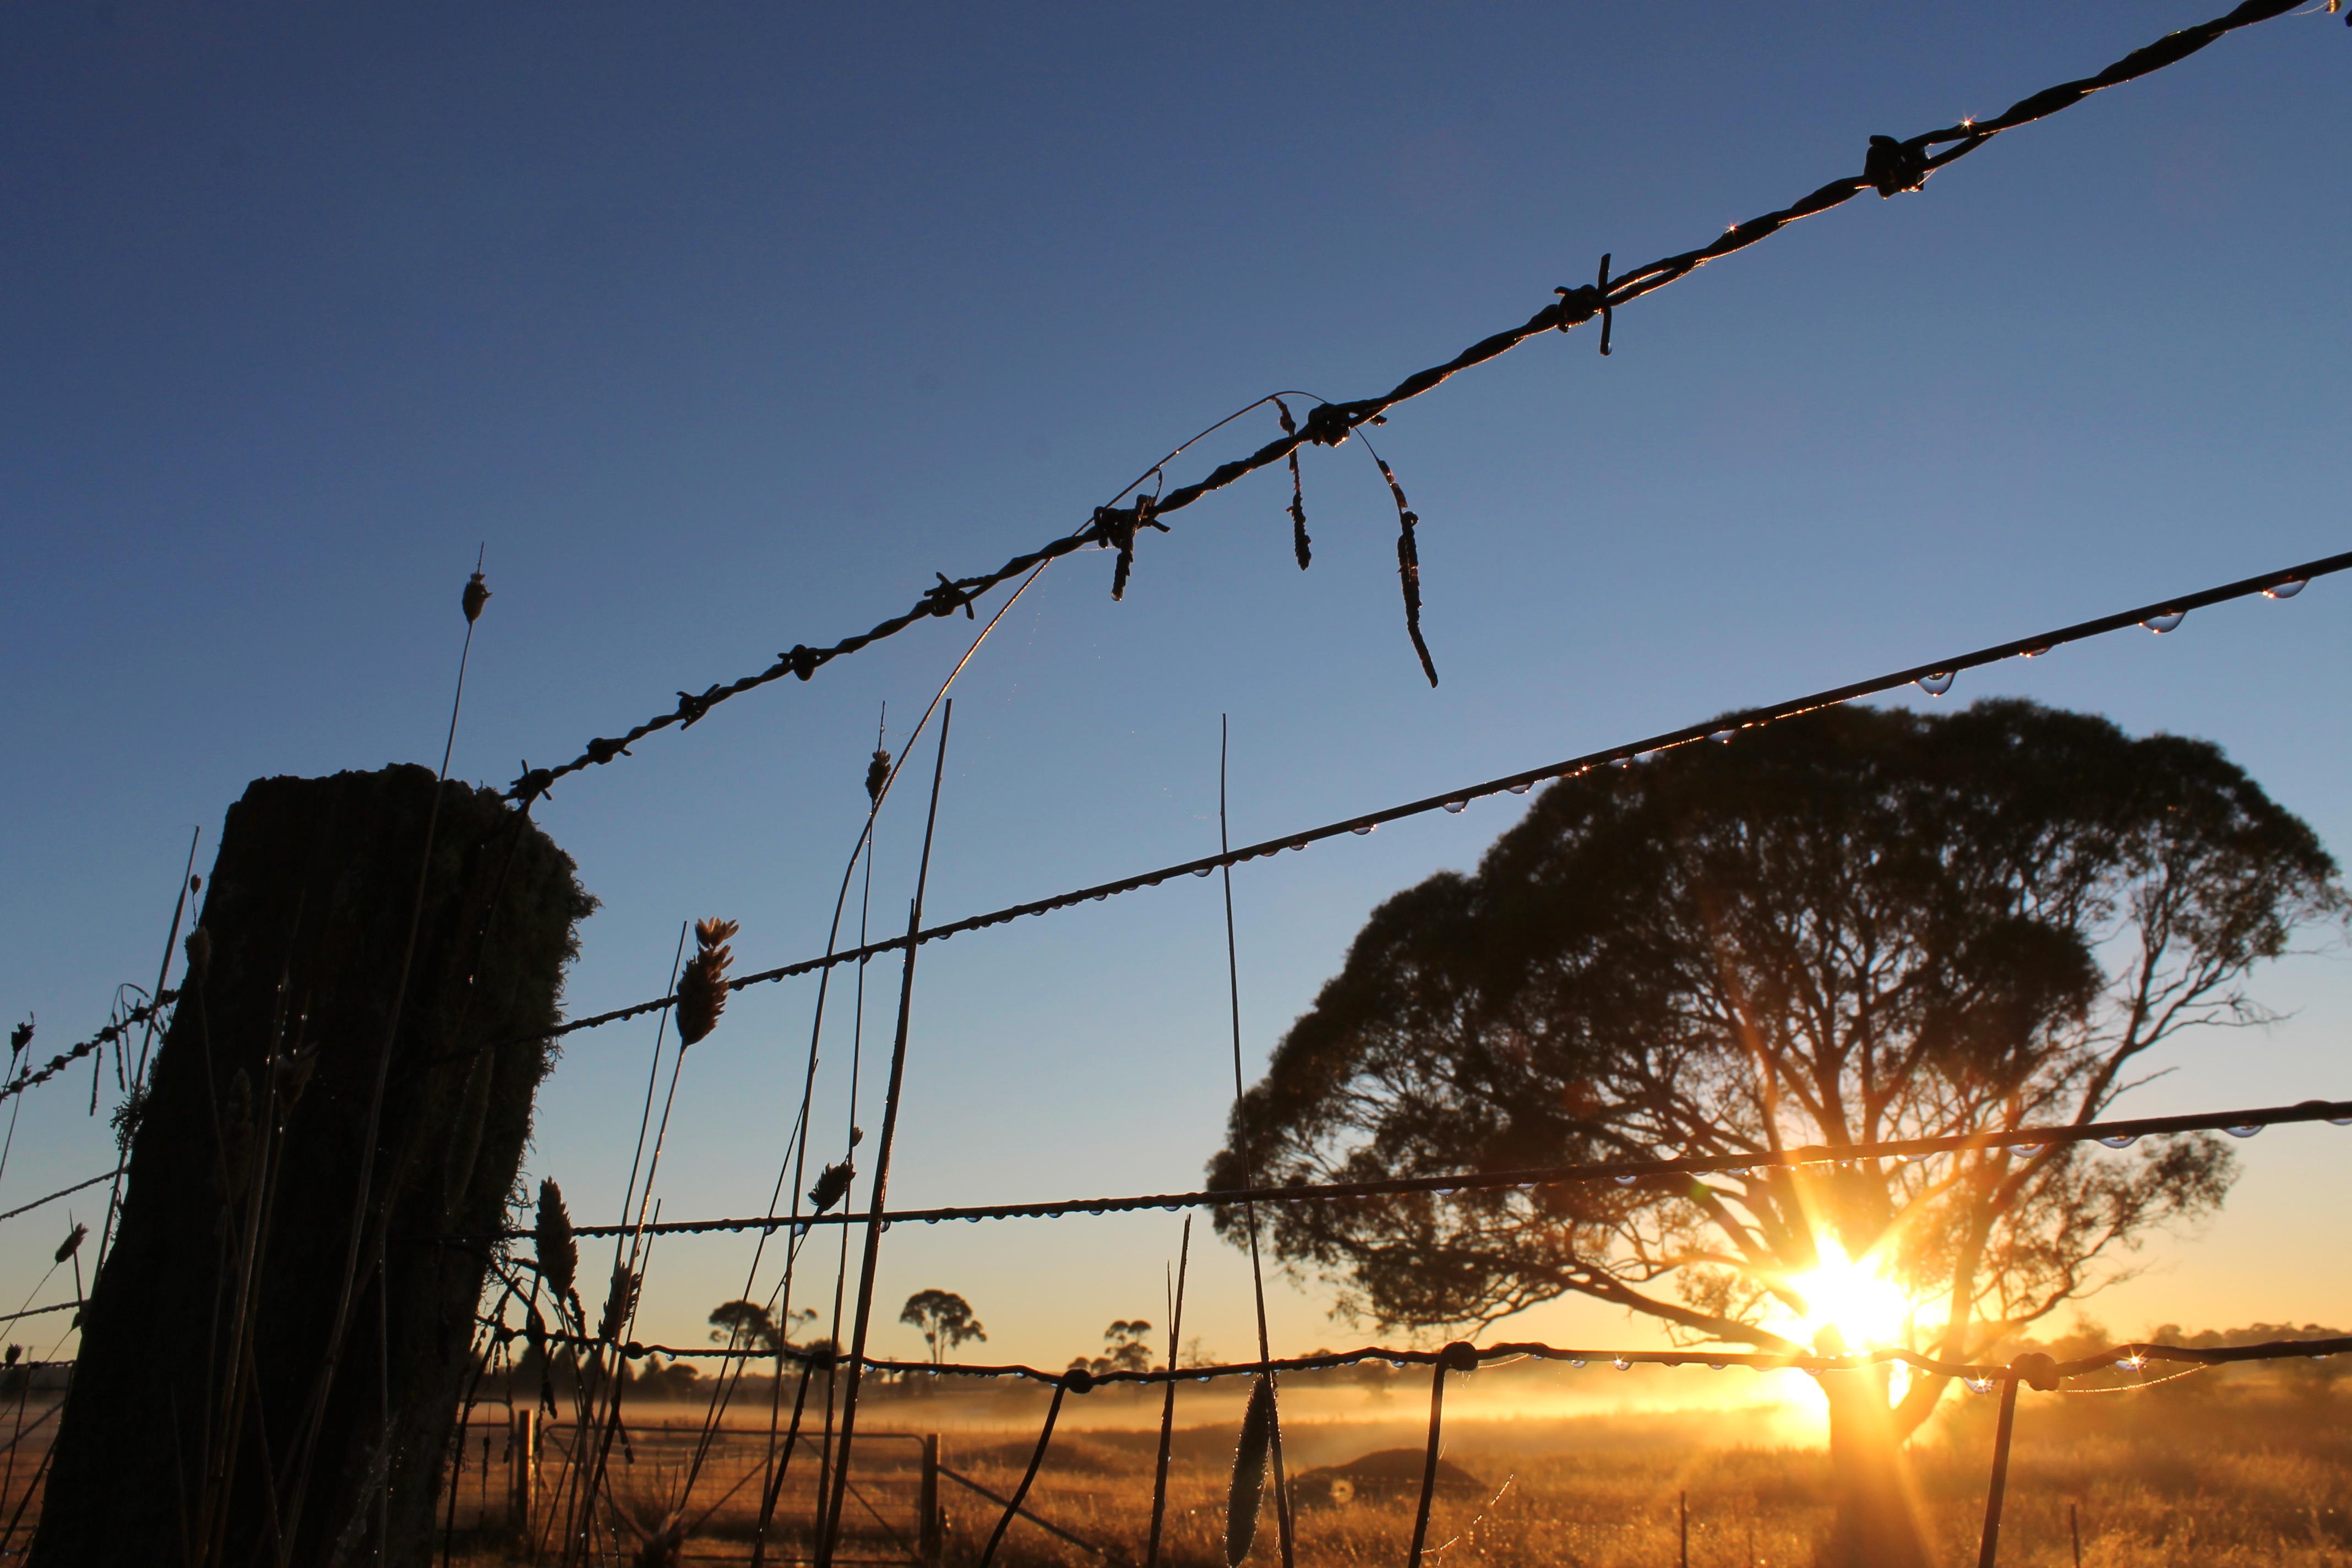 Sunrise at Kenilworth